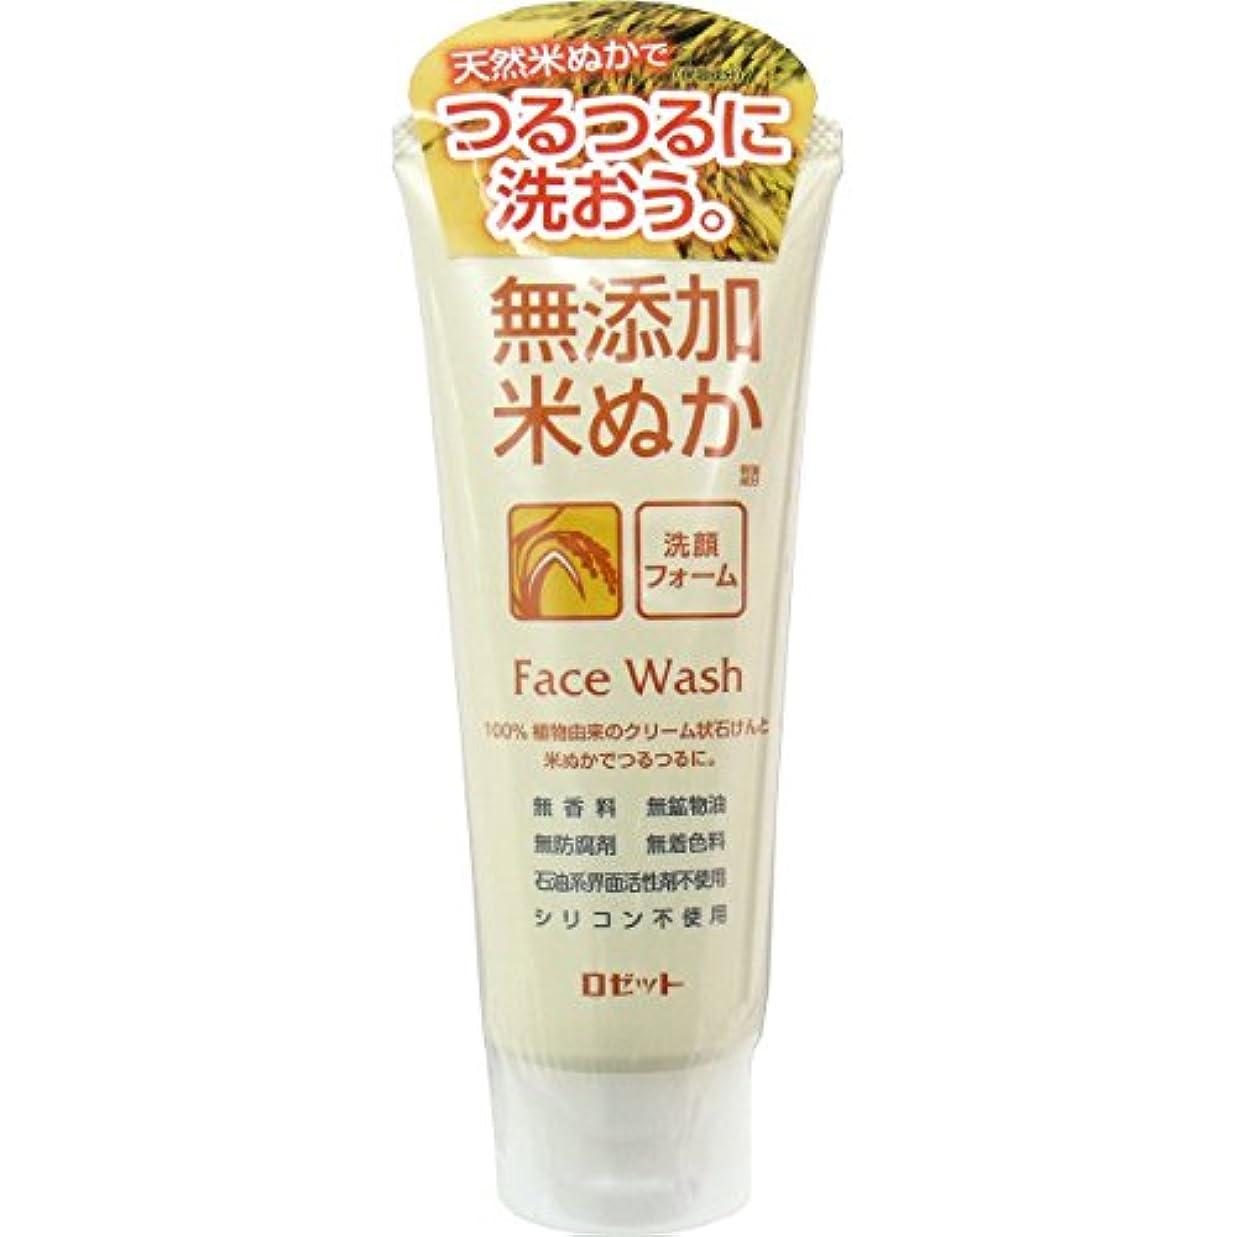 なす大佐ステートメント【ロゼット】無添加米ぬか洗顔フォーム 140g ×20個セット